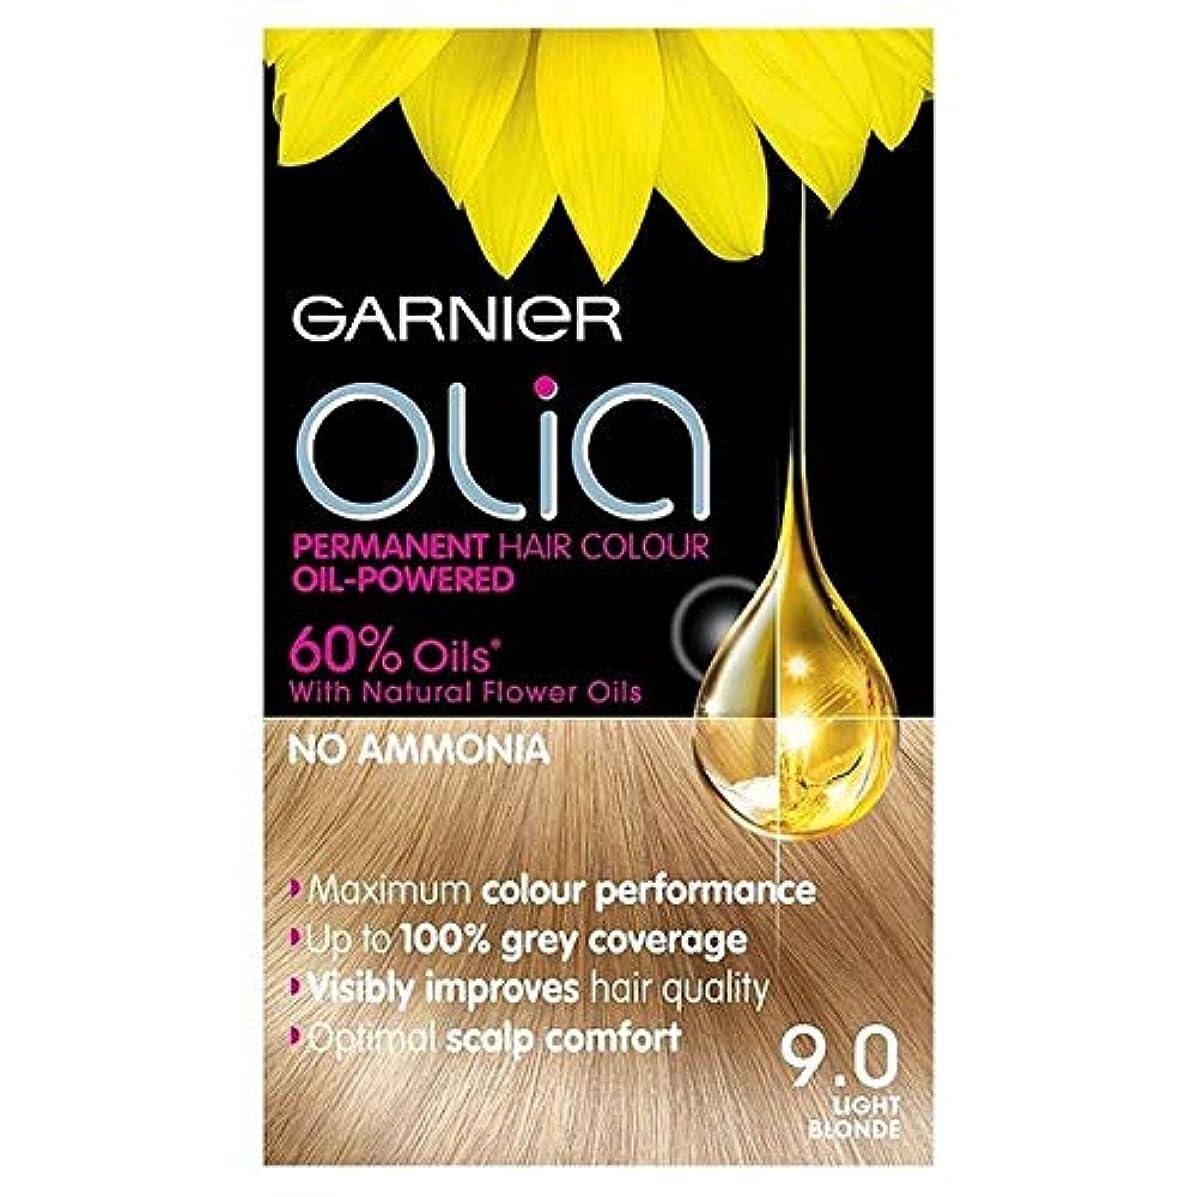 ニュース近所のテレマコス[Garnier ] 9.0光ブロンドの永久染毛剤Oliaガルニエ - Garnier Olia 9.0 Light Blonde Permanent Hair Dye [並行輸入品]